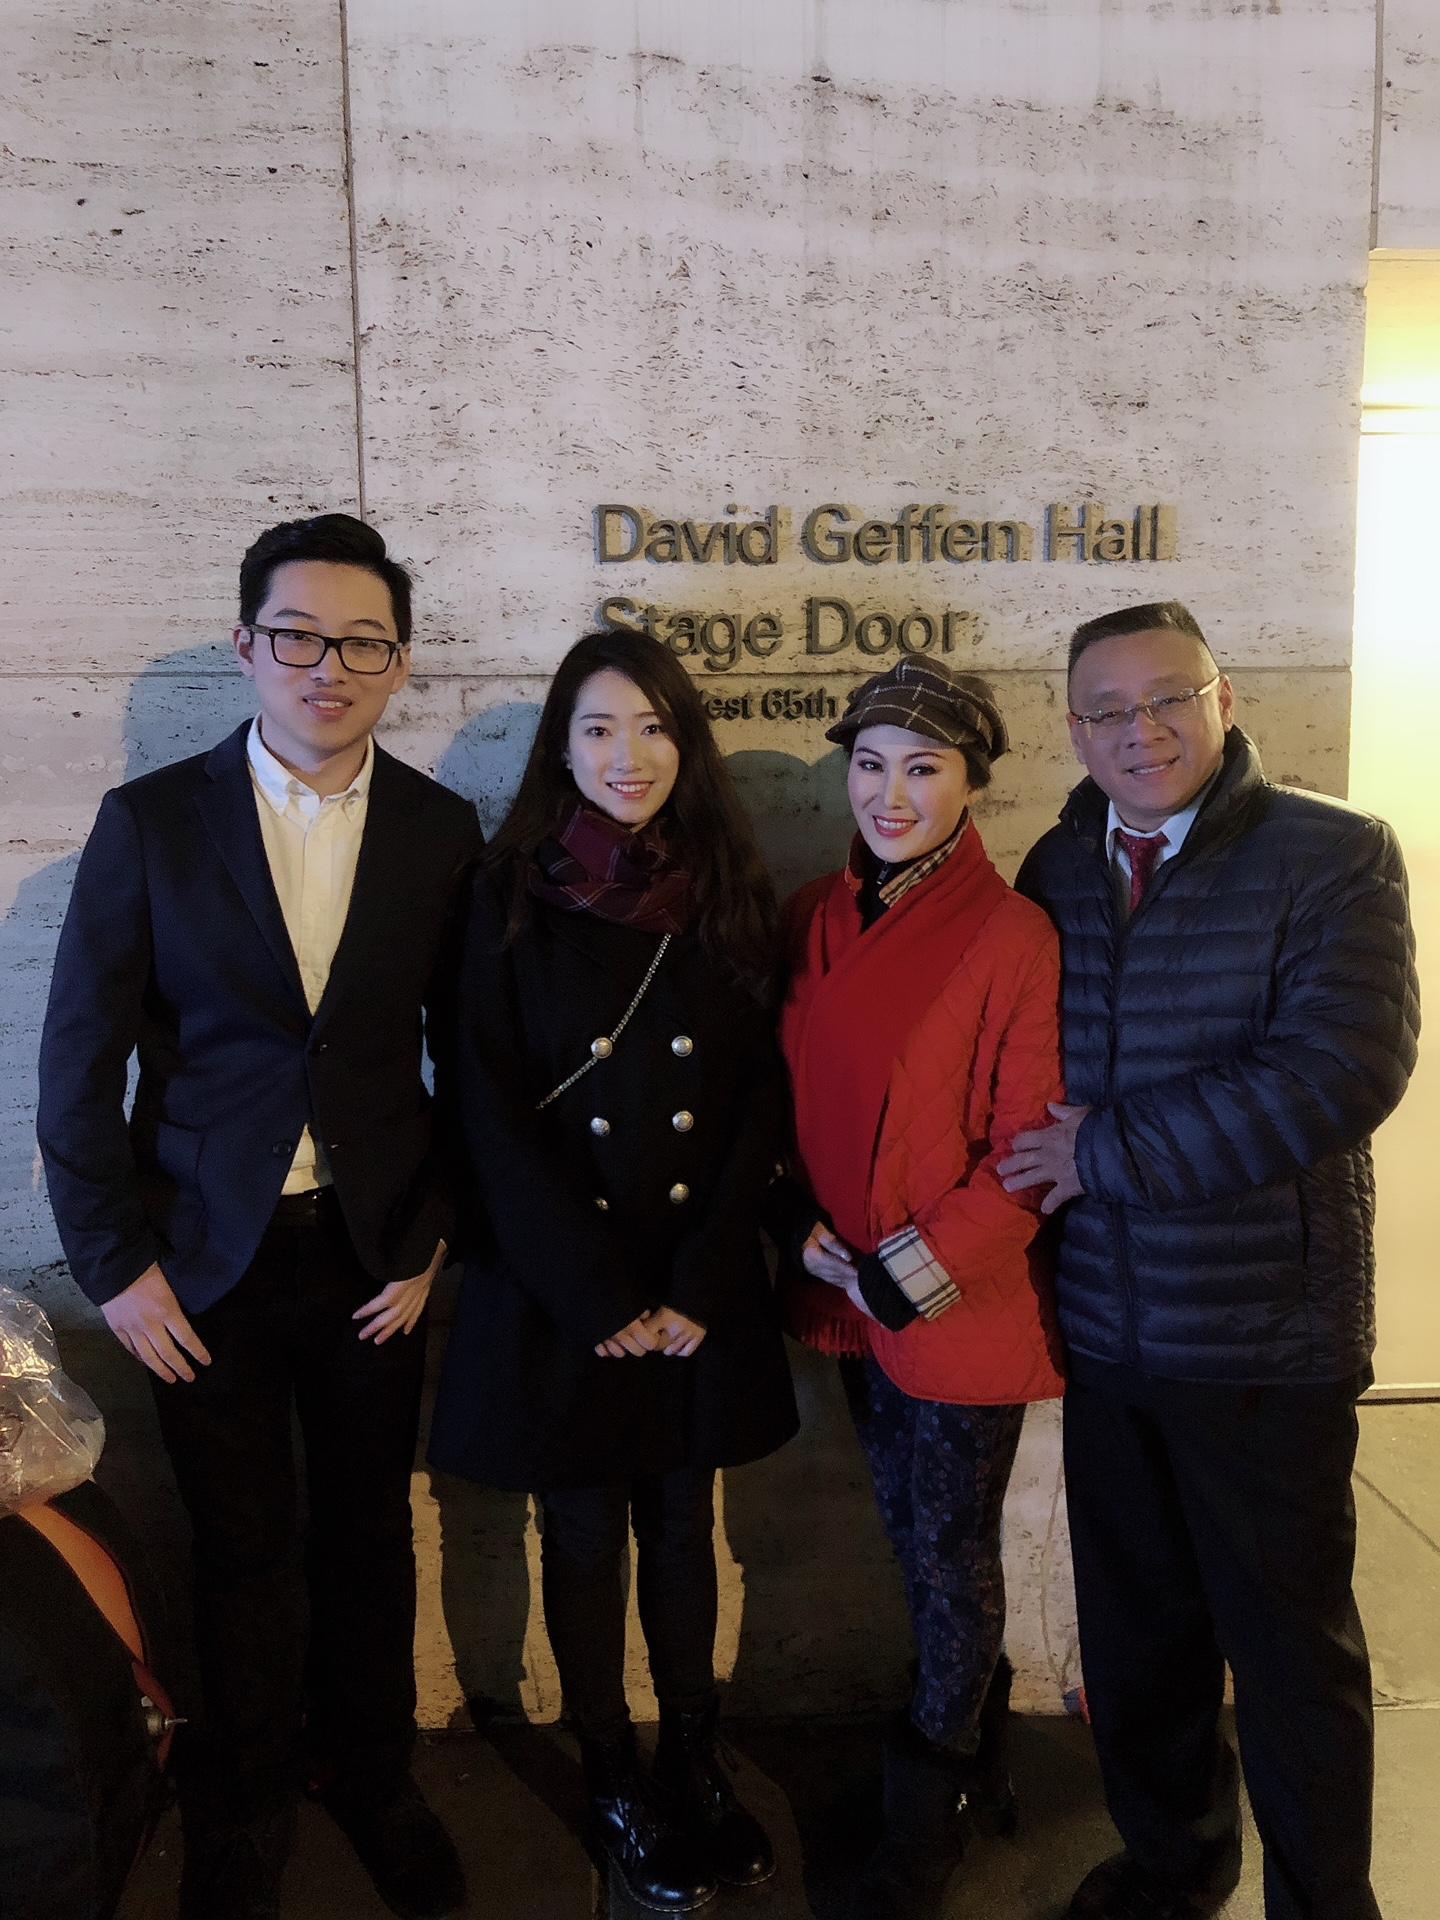 刘浩与他的同学出席并观看了本场演出